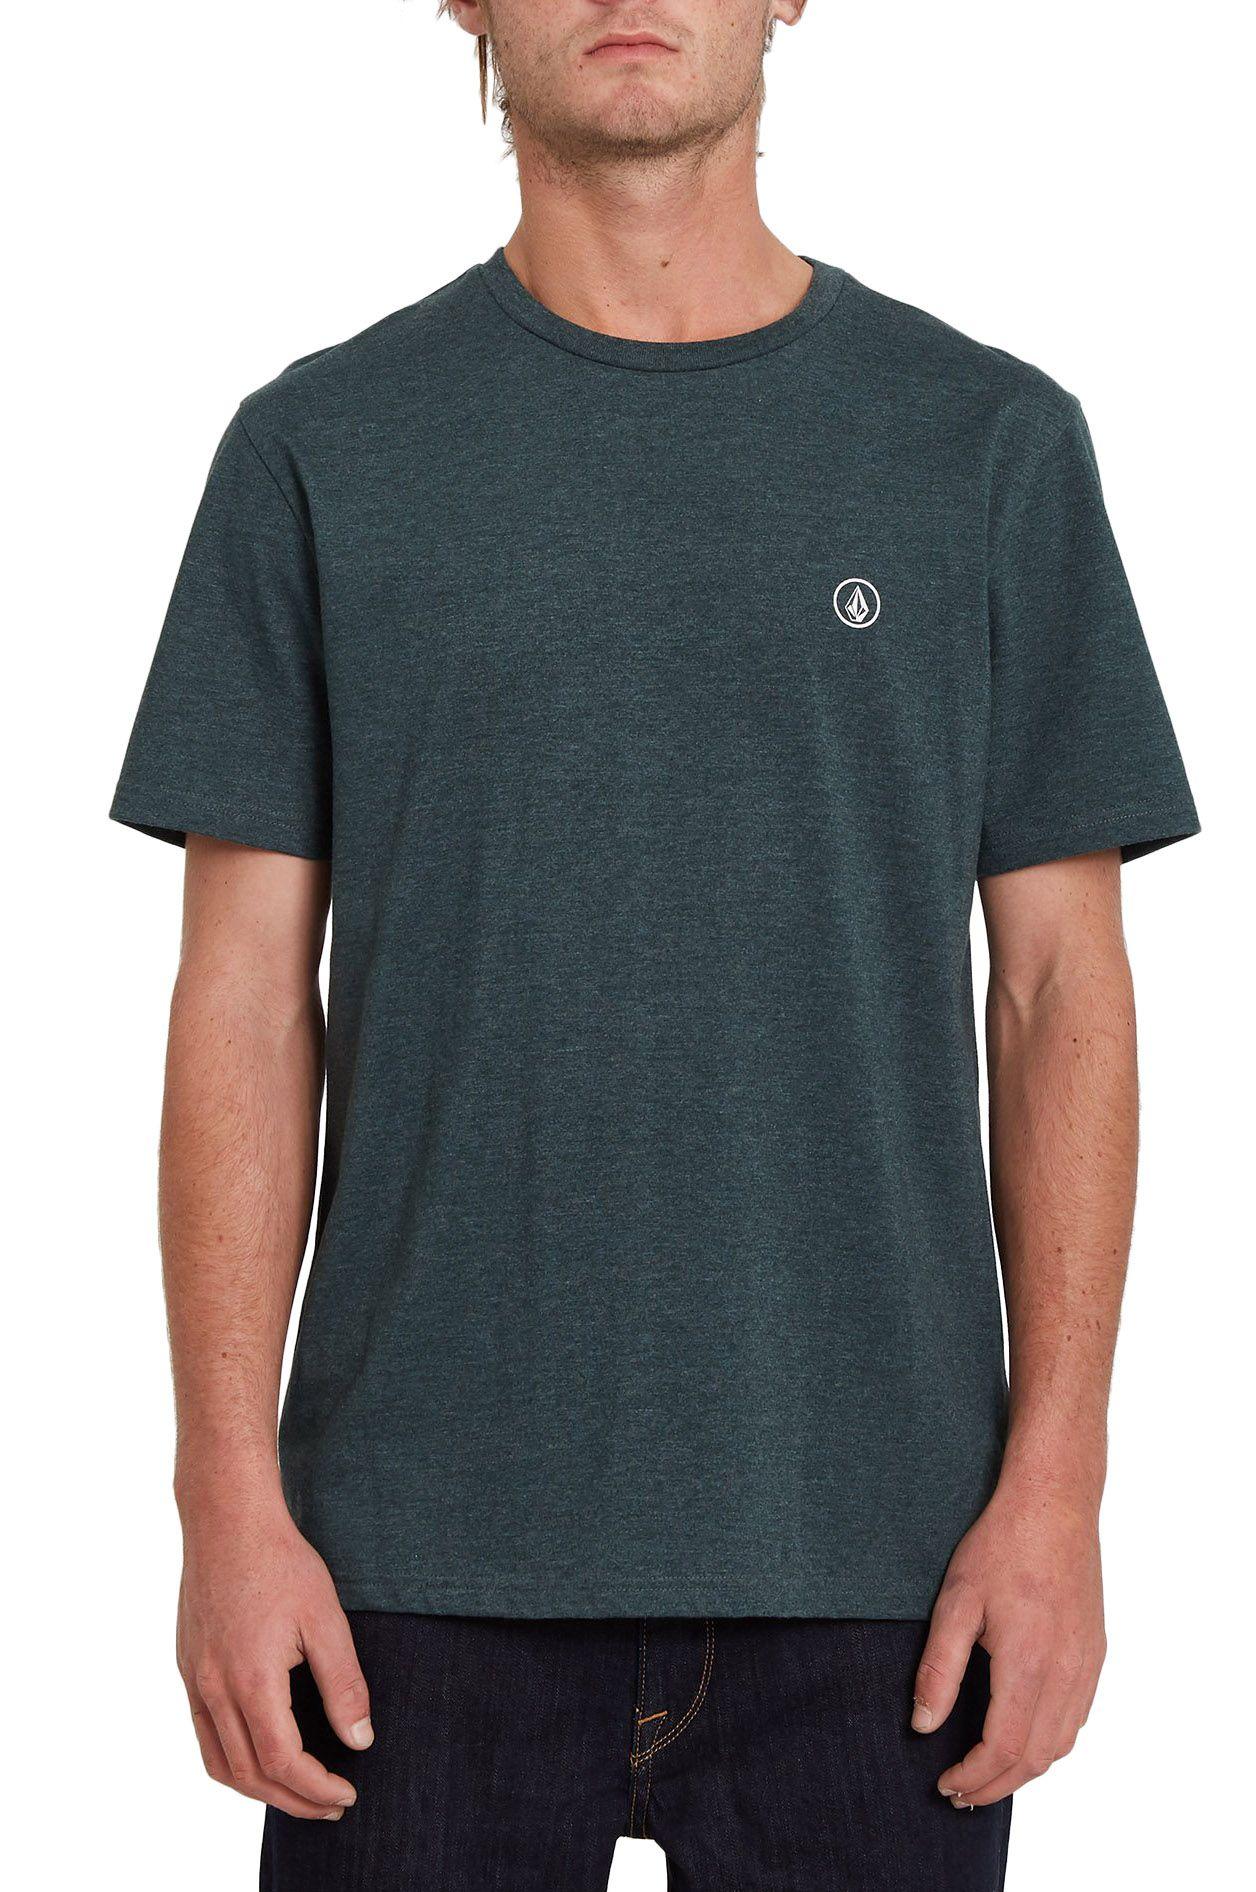 Volcom T-Shirt CIRCLE BLANKS HTH Scarab